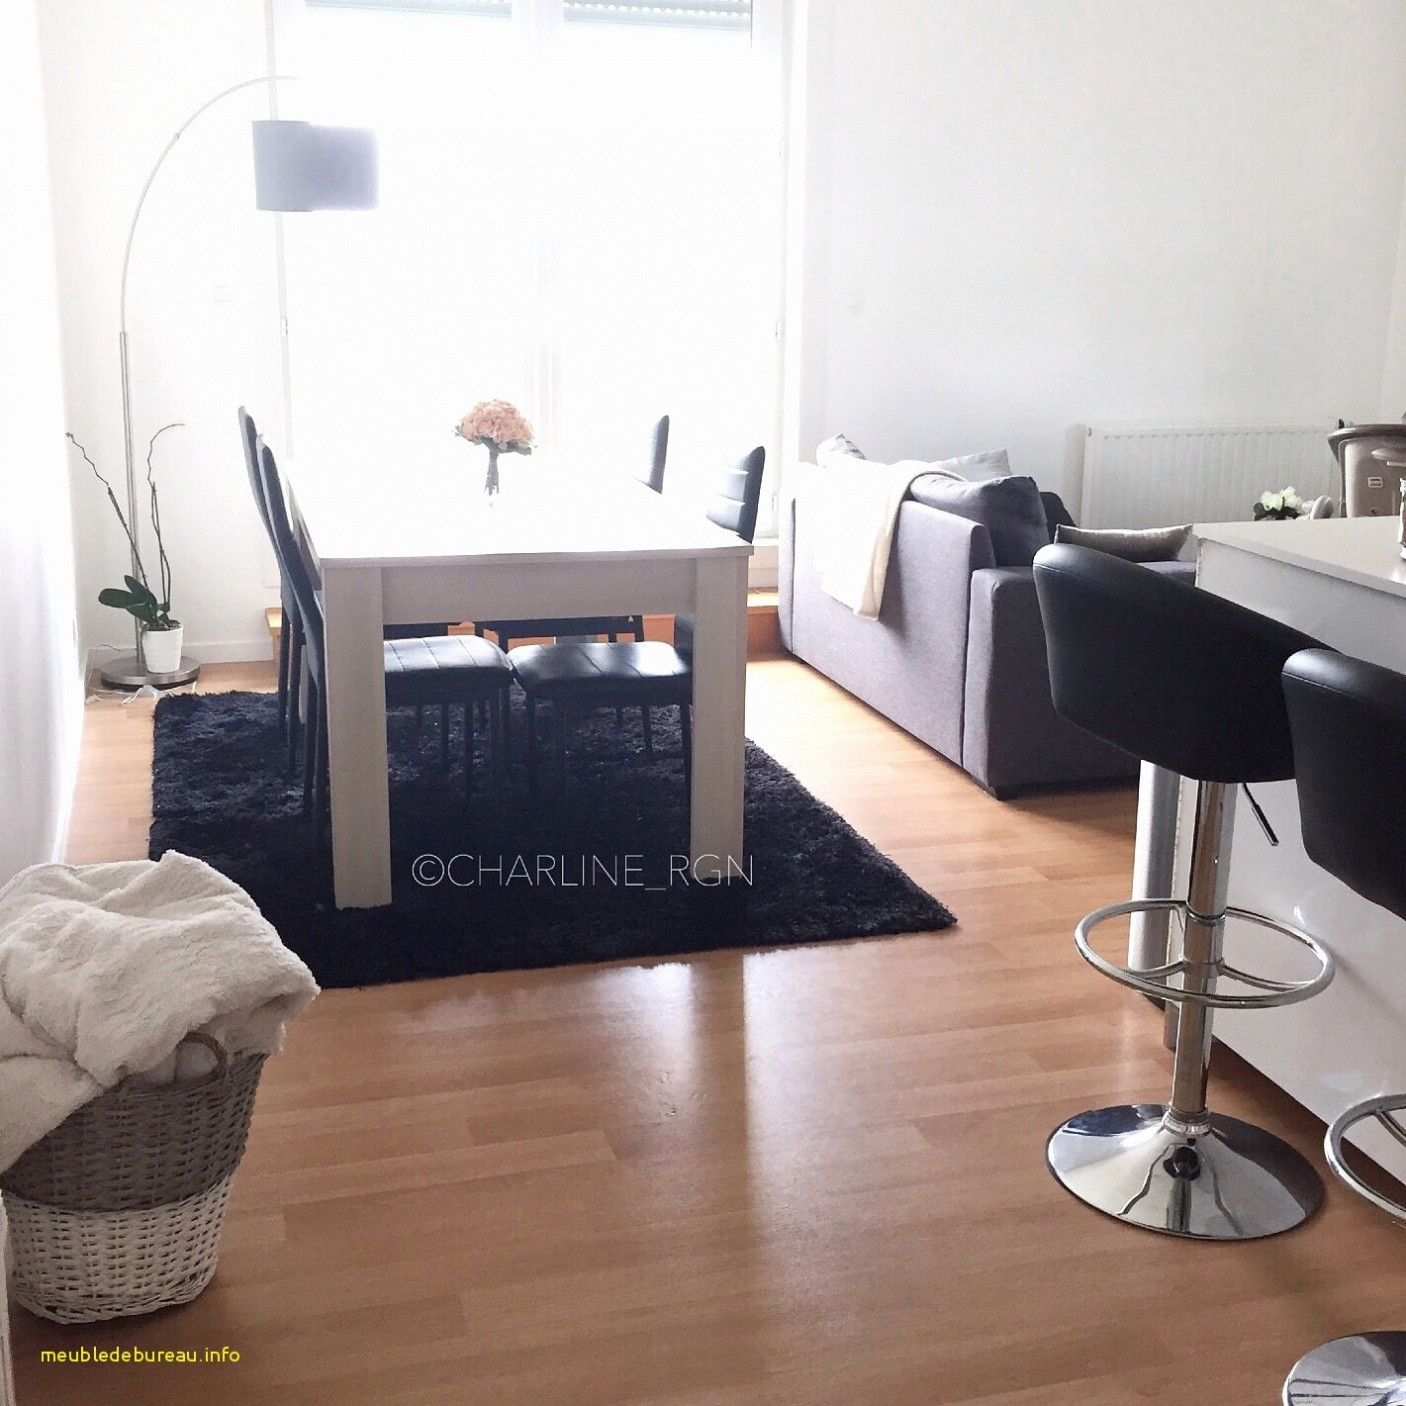 deco meuble salon conforama tapis salon meilleur meubles conforama 0d galerie les of deco meuble salon